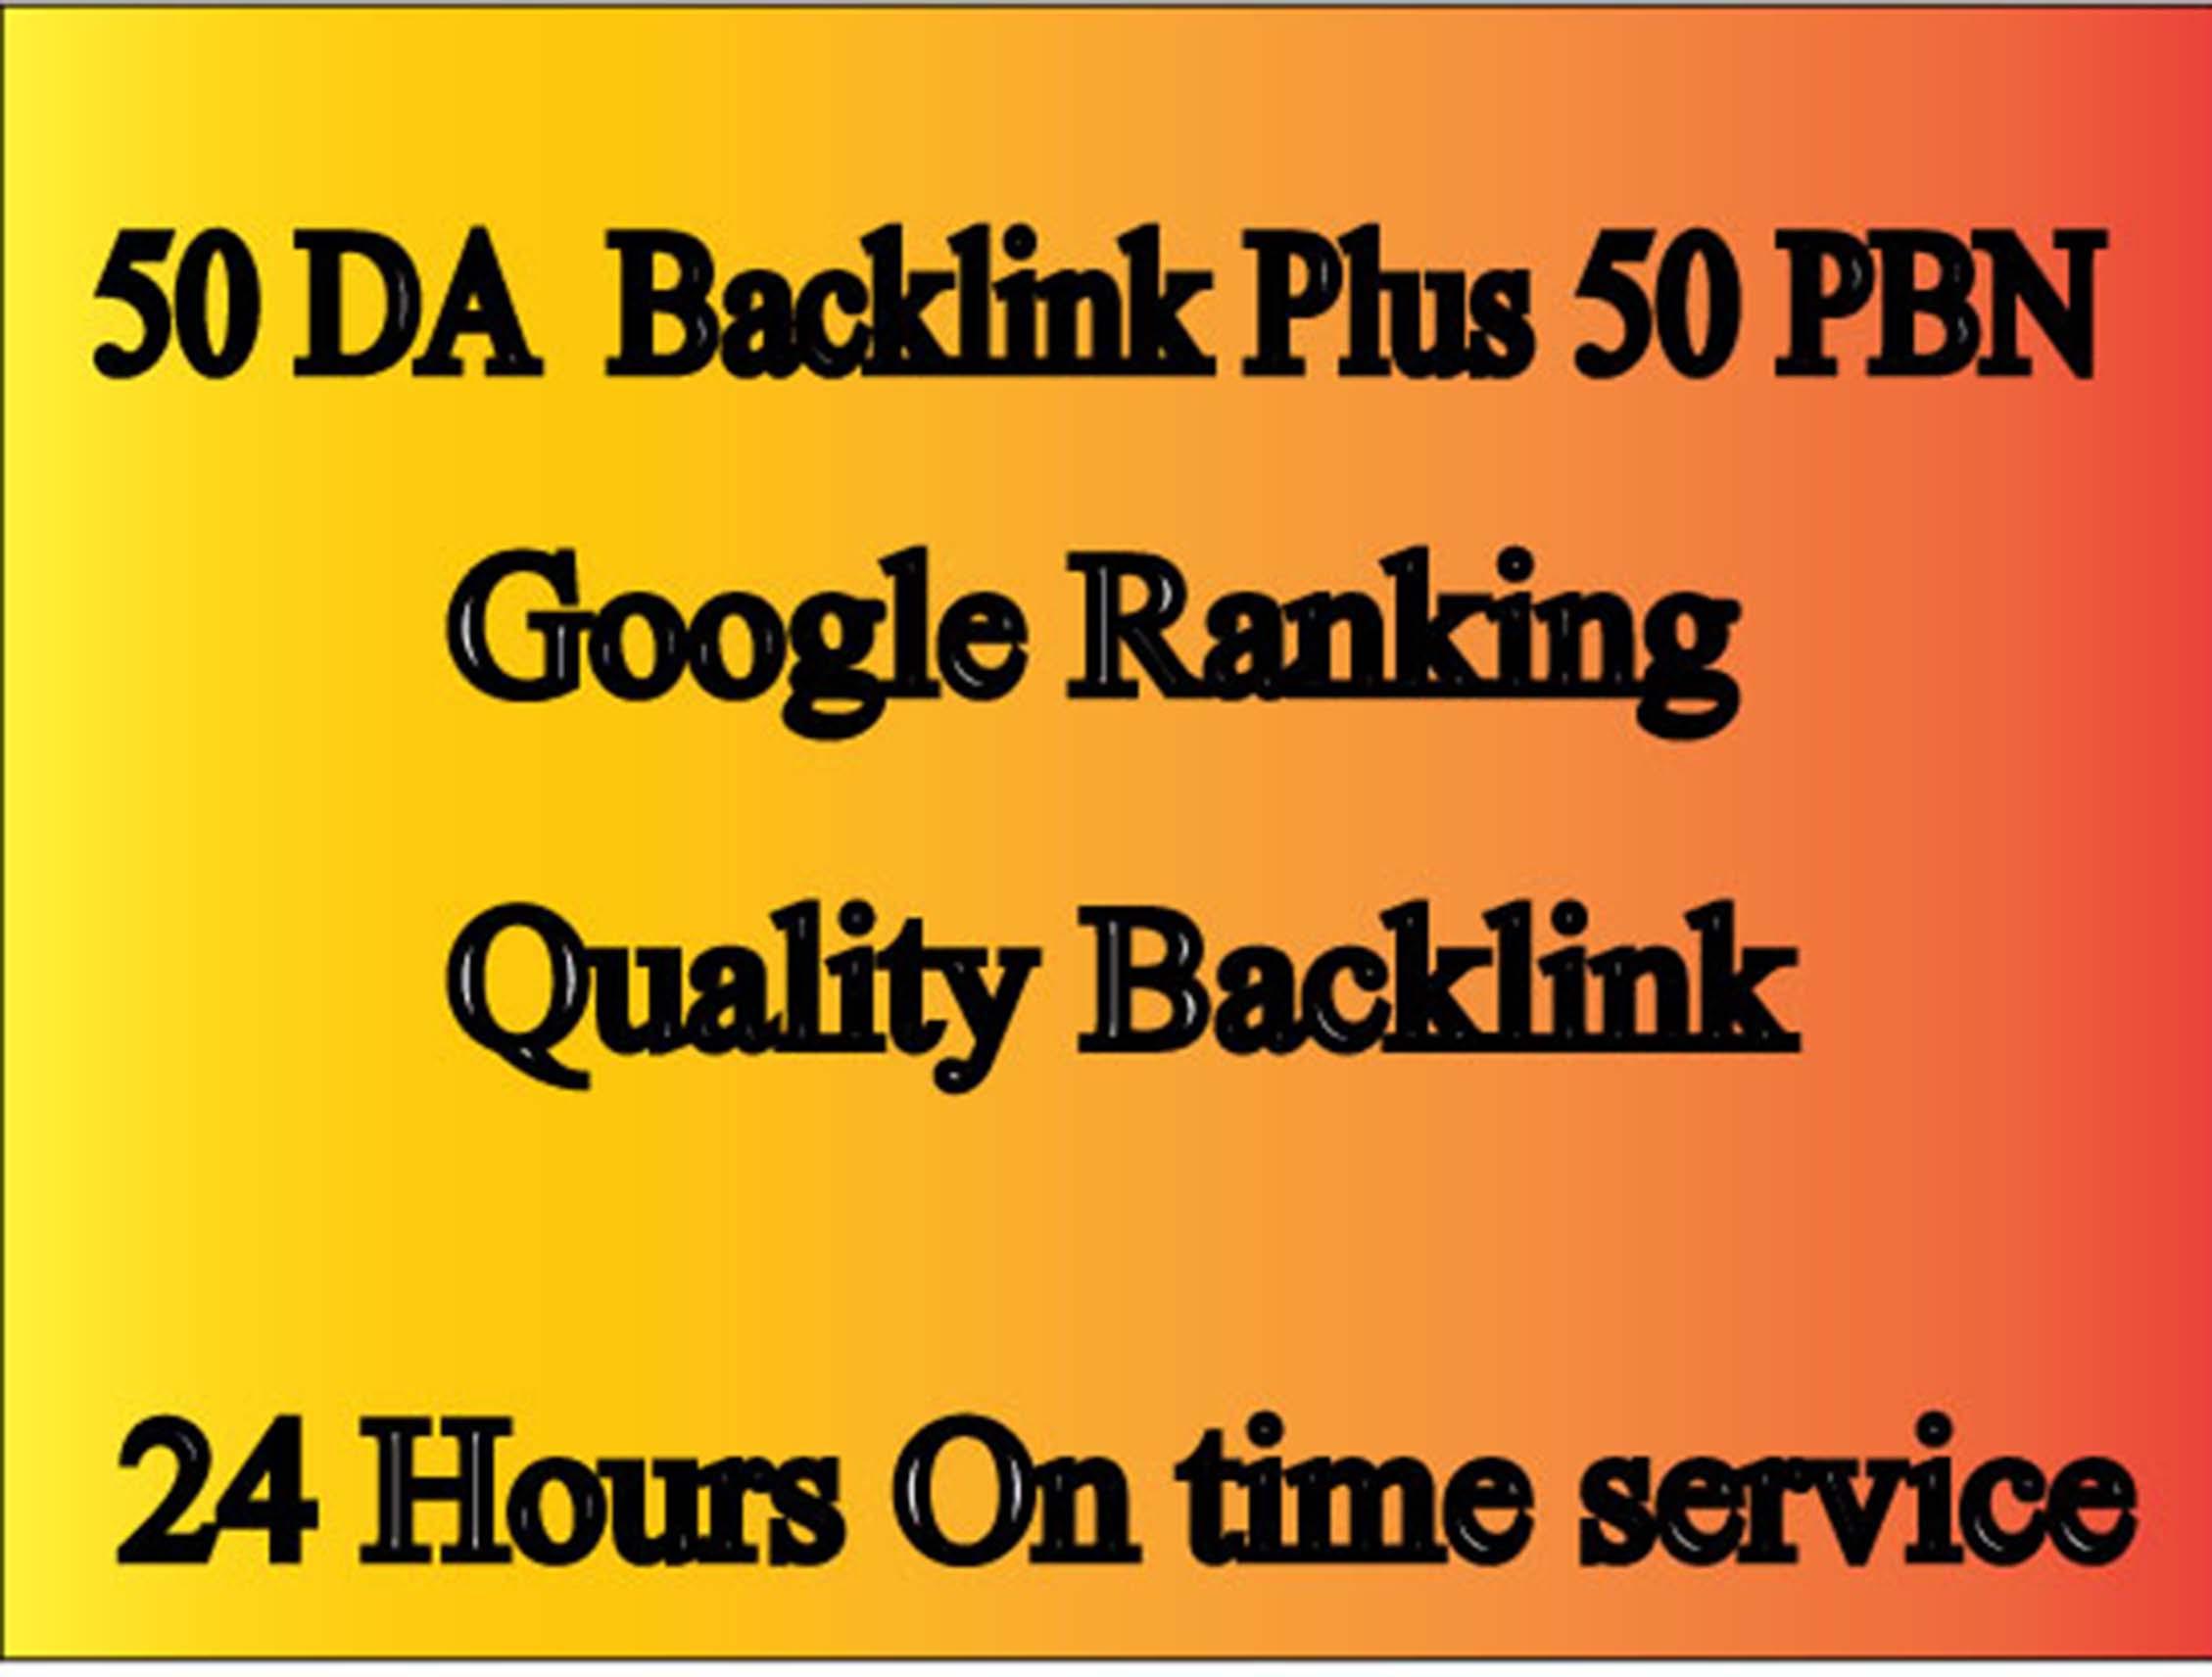 Buildup,  All DA50+ High Quality 50 PBN Backlinks,  To website Rank Improving